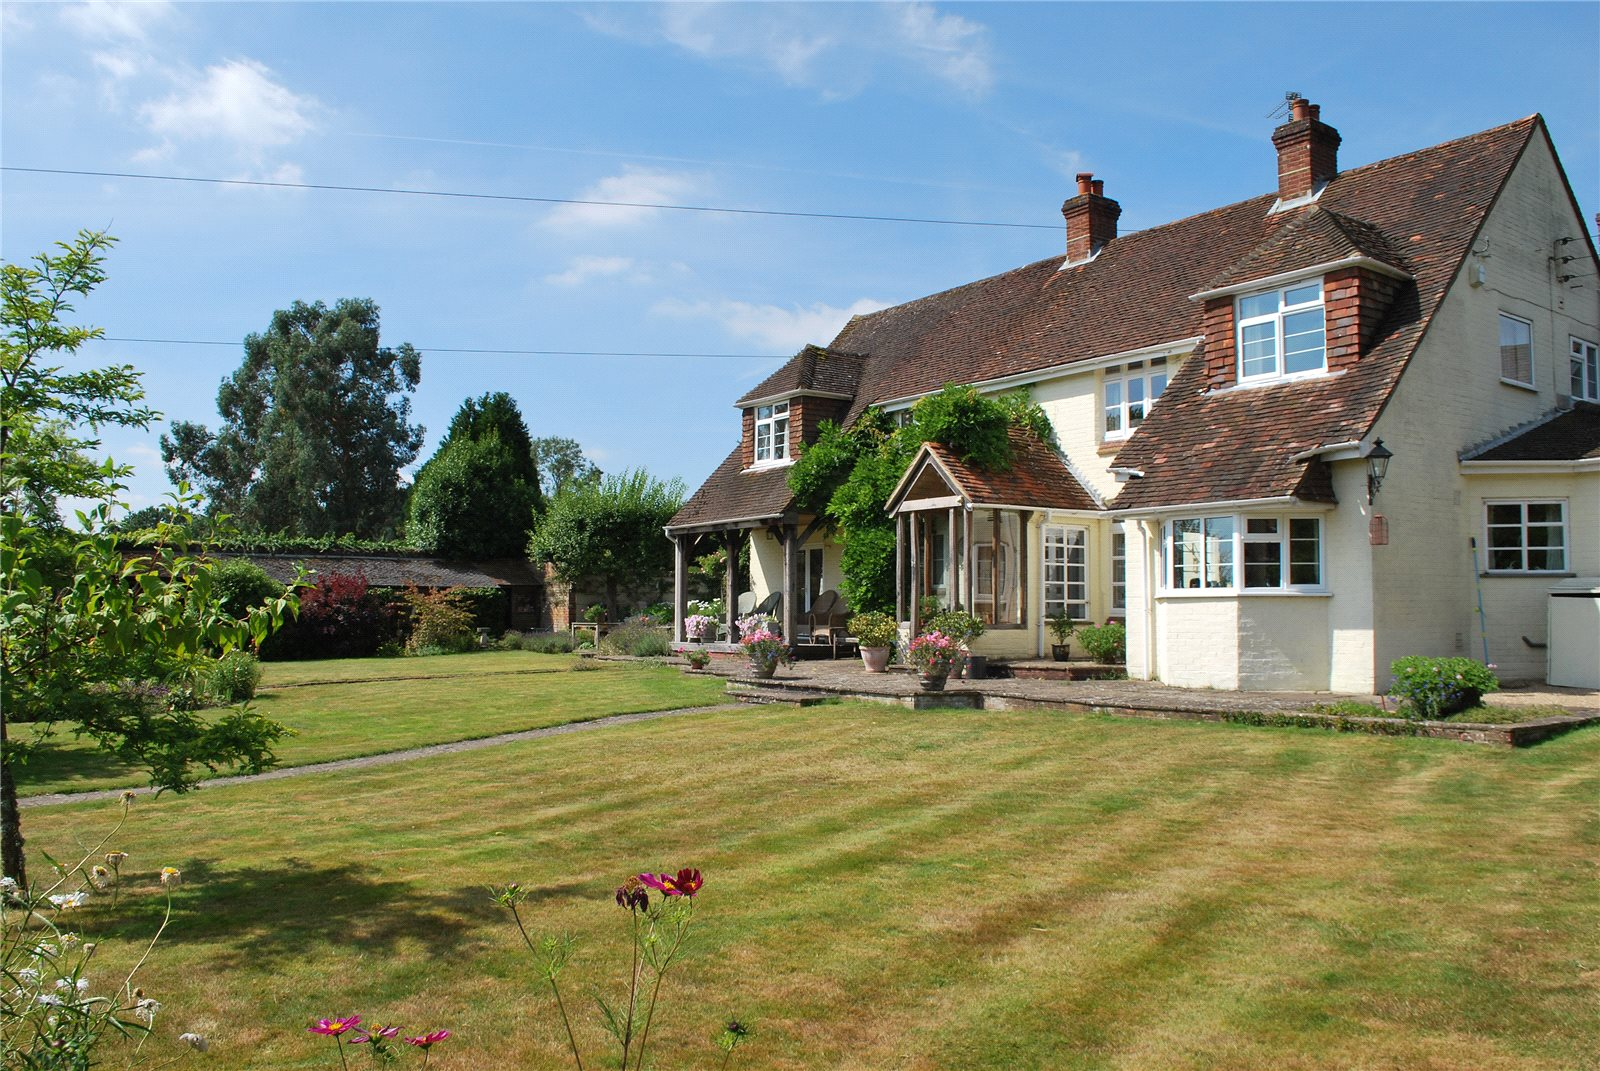 Maison unifamiliale pour l Vente à The Common, Dunsfold, Godalming, Surrey, GU8 Godalming, Angleterre